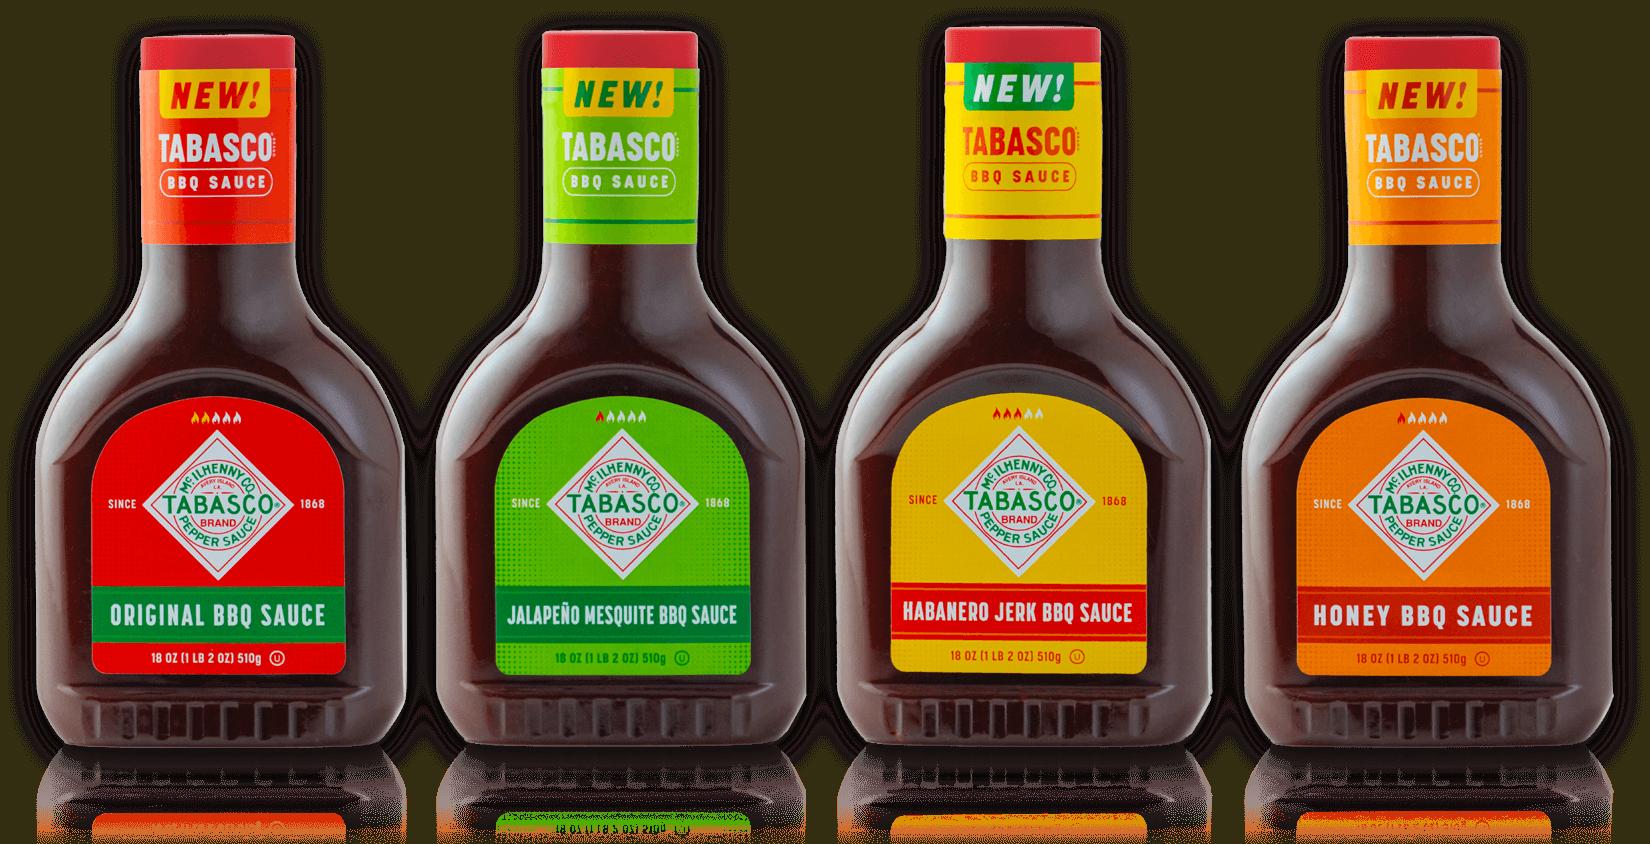 TABASCO® Brand BBQ Sauce bottles